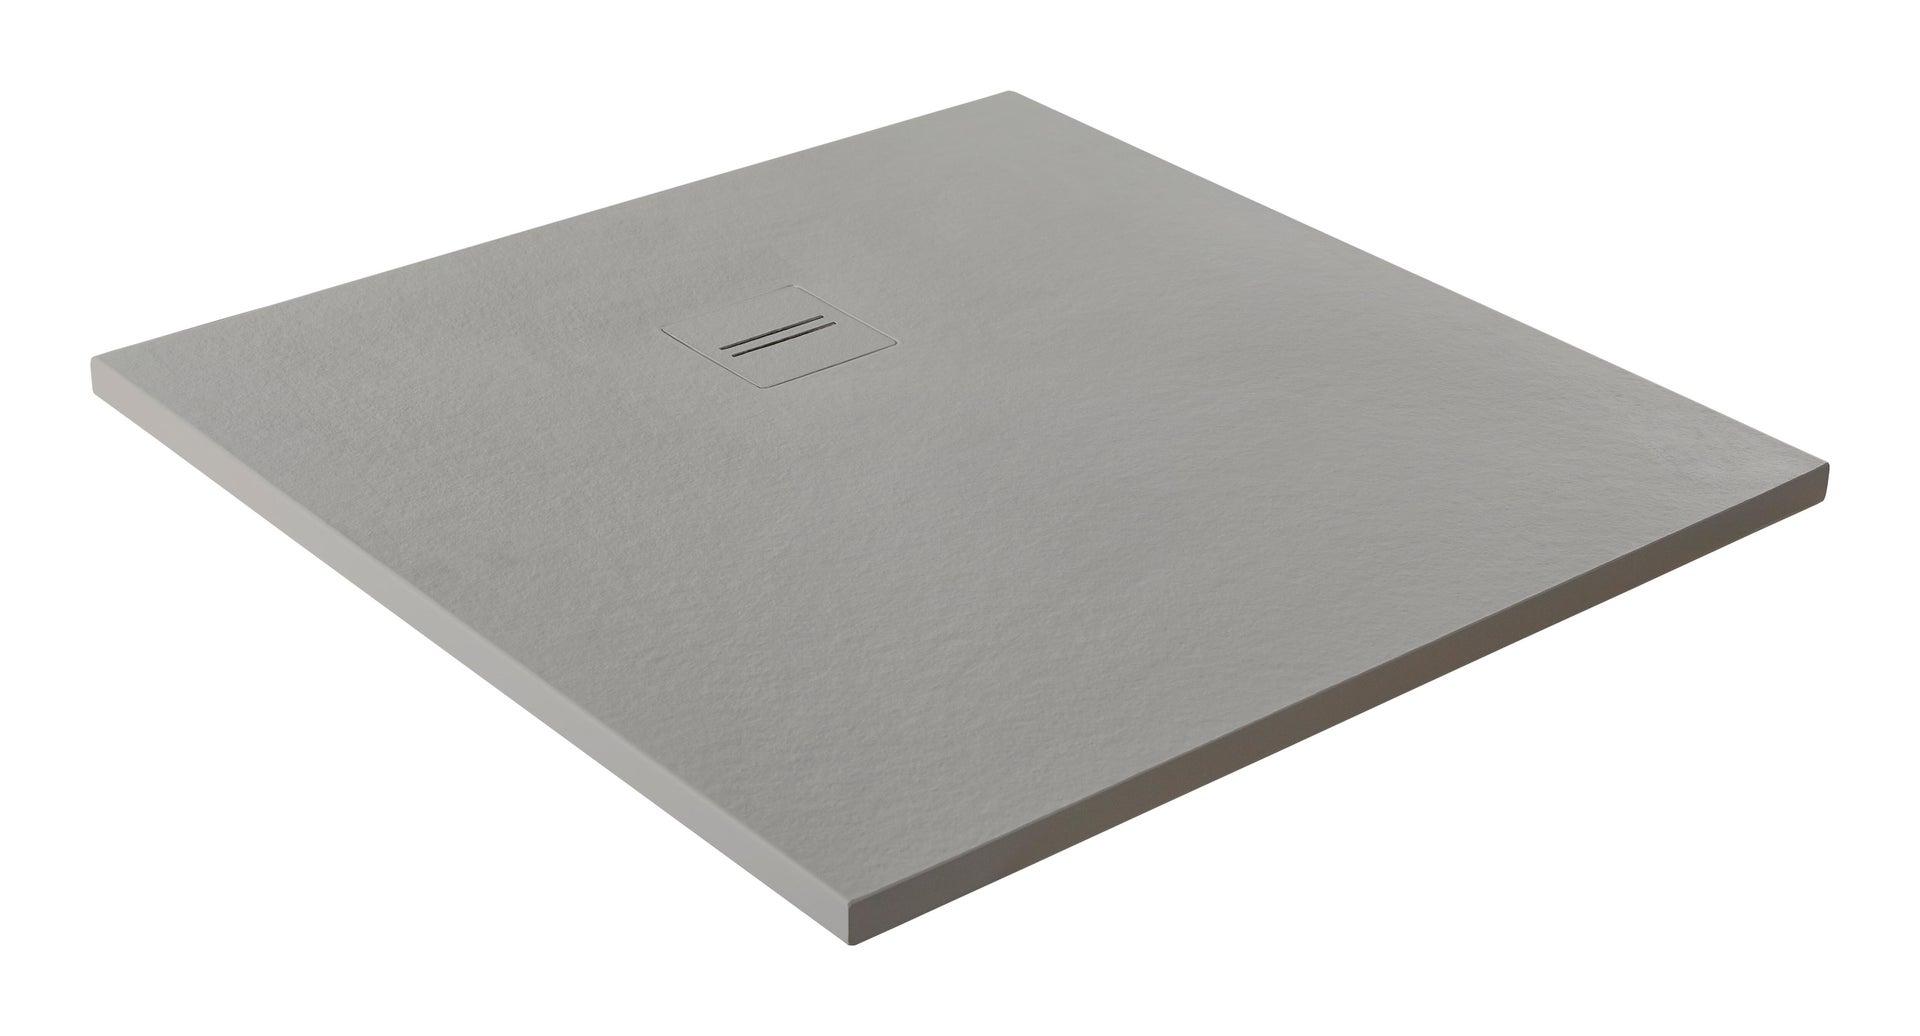 Piatto doccia ultrasottile resina Cosmos Stone 100 x 120 cm nero - 1